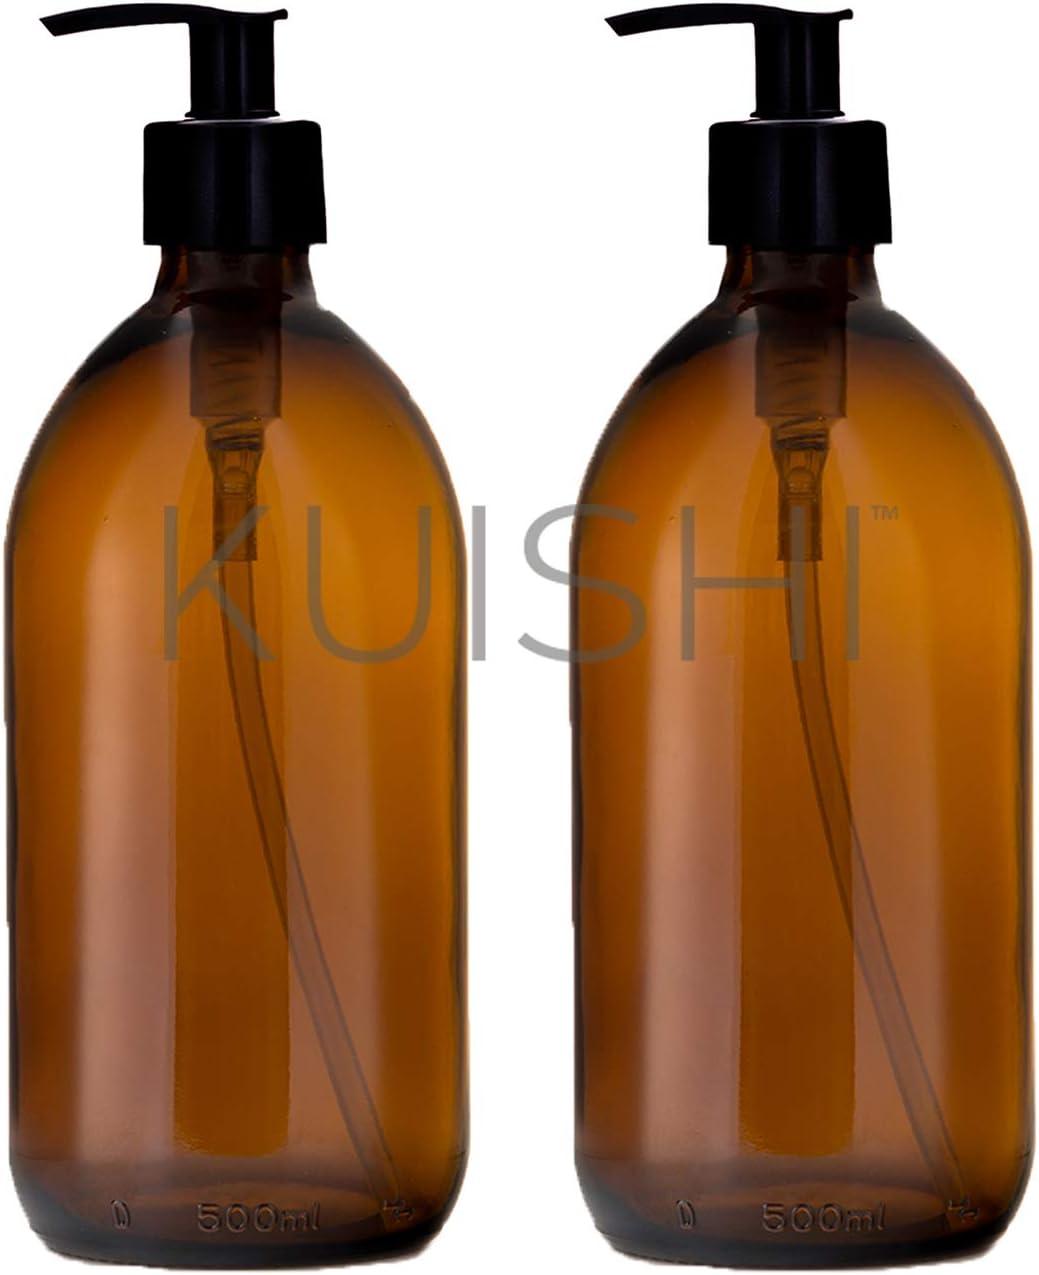 Kuishi Dispensador Jab/ón de Vidrio /Ámbar Senza BPA 500ml, Paquete de 2 Accesorios Ba/ño Botella de Vidrio /Ámbar